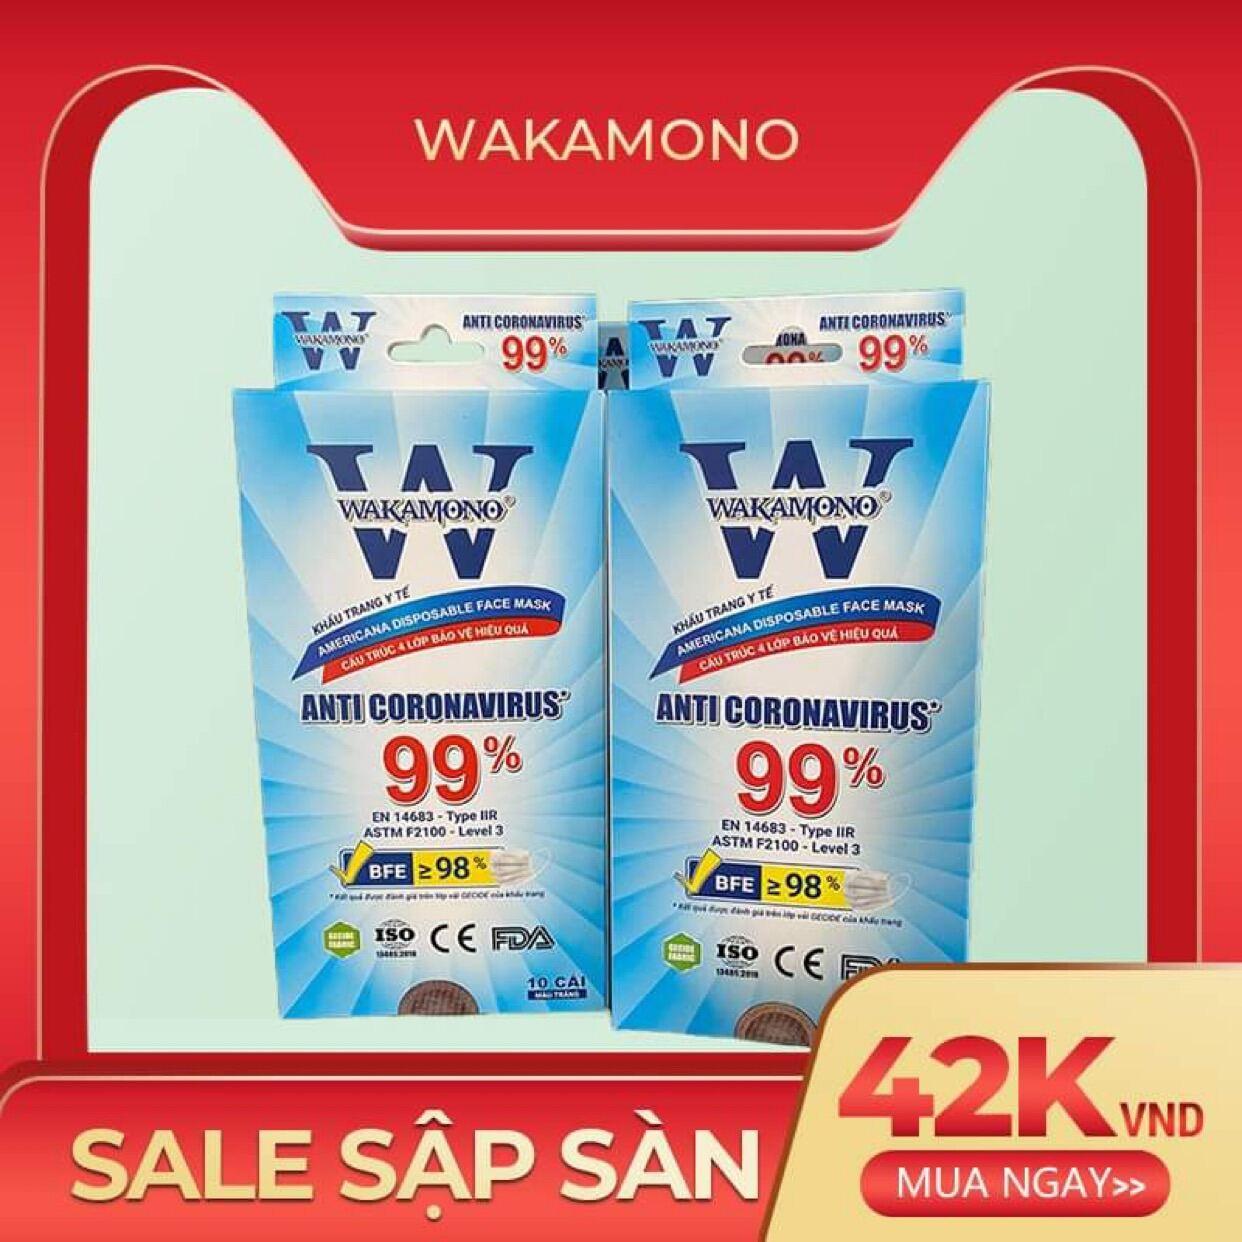 [Siêu rẻ]Khẩu trang y tế Wakamono (cam kết chính hãng, tem mác đầy đủ, hình thật)